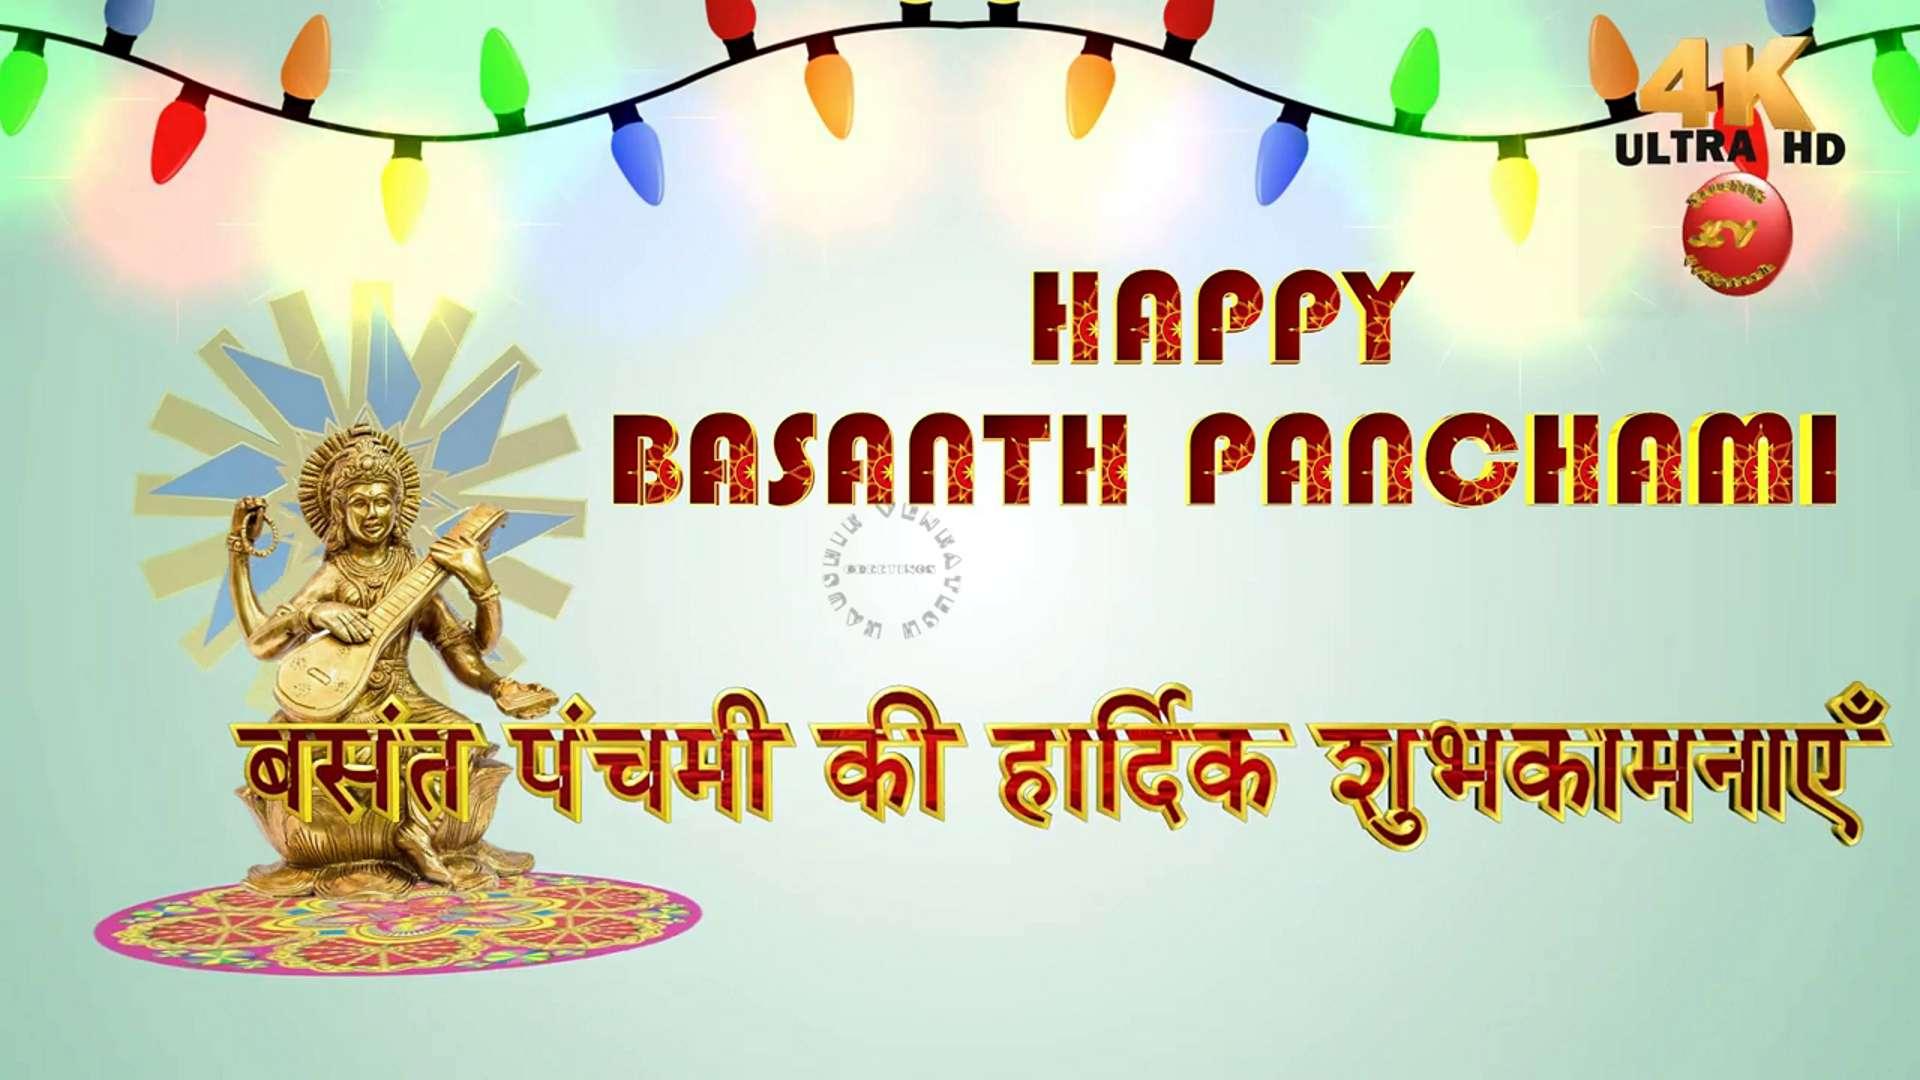 Basant Panchami Ki Hardik Shubhkamanaye